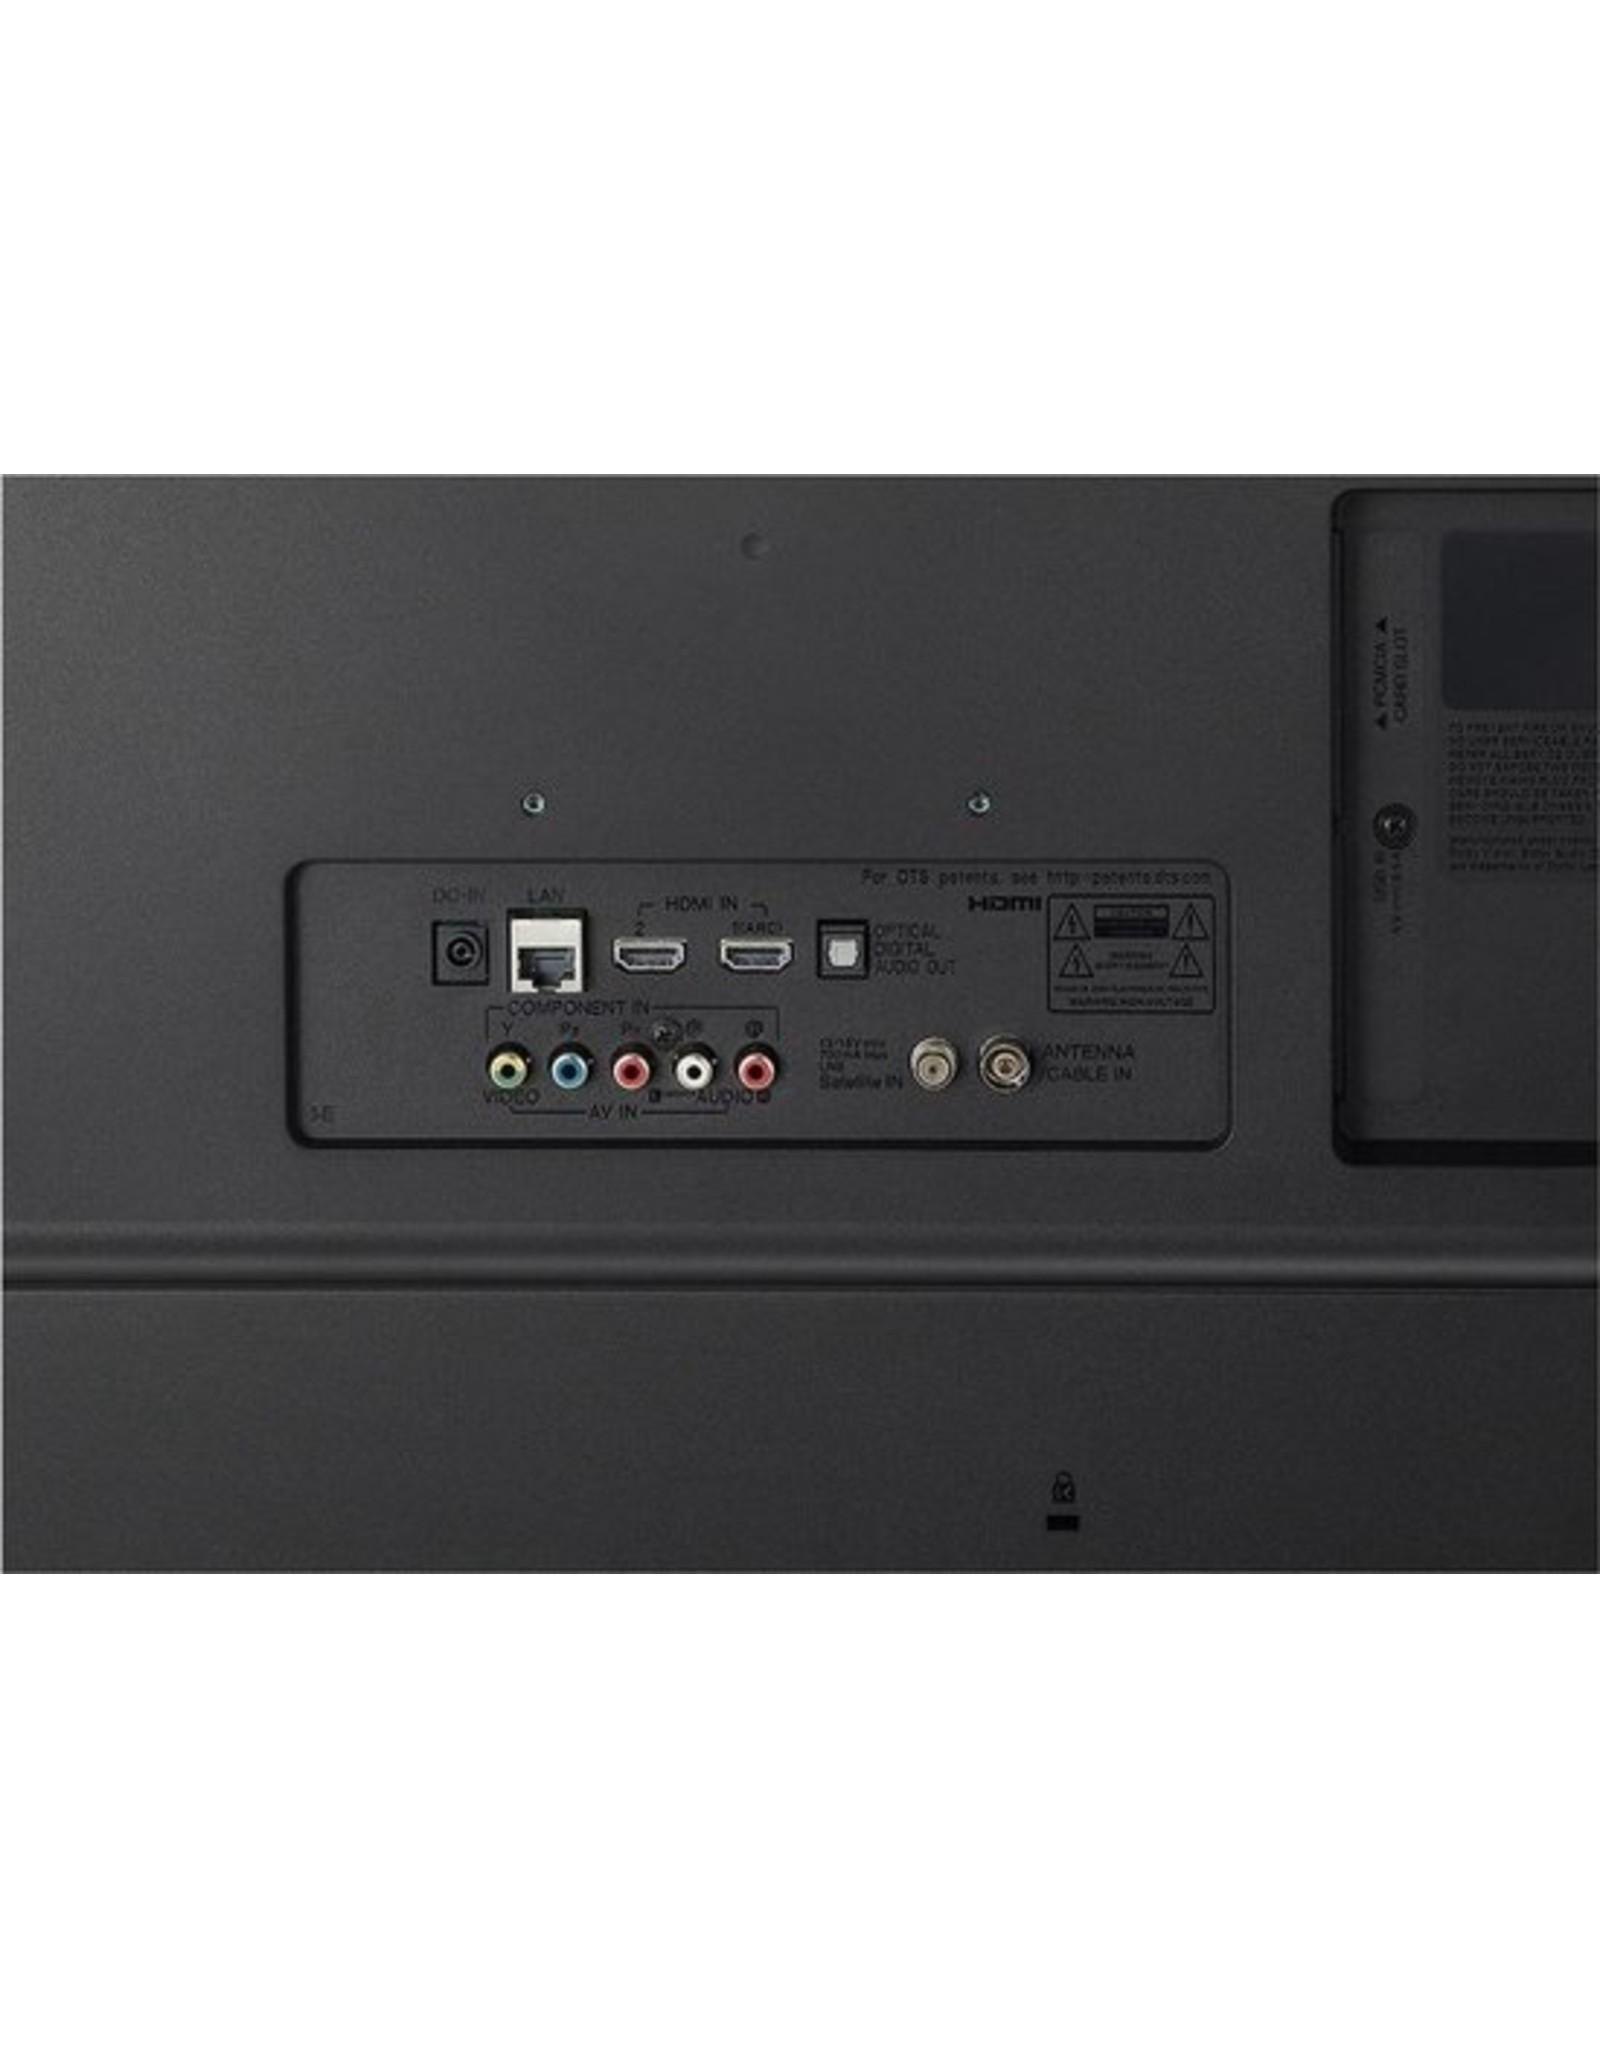 LG - Television - 28TN515S-PZ - HD Smart - Wi-Fi - Black